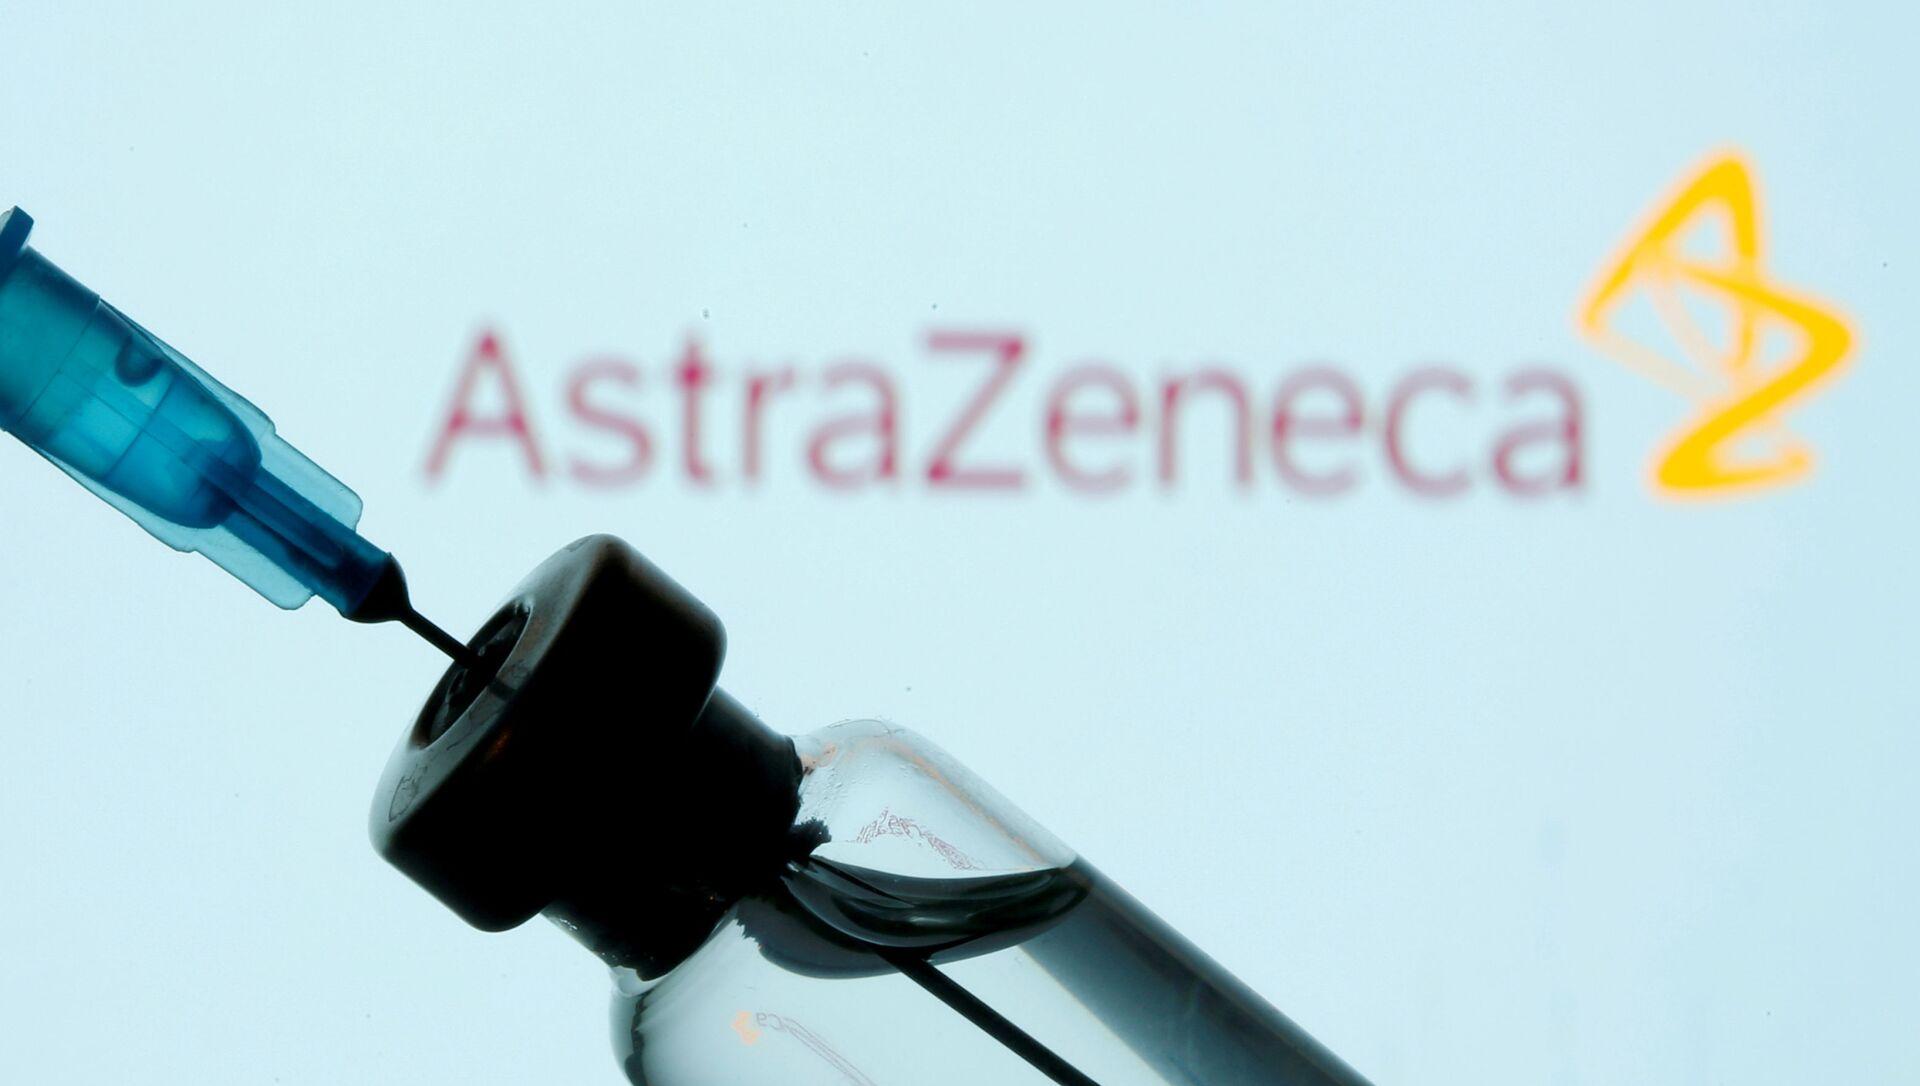 Injekční lahvička a stříkačka před zobrazeným logem AstraZeneca - Sputnik Česká republika, 1920, 21.02.2021